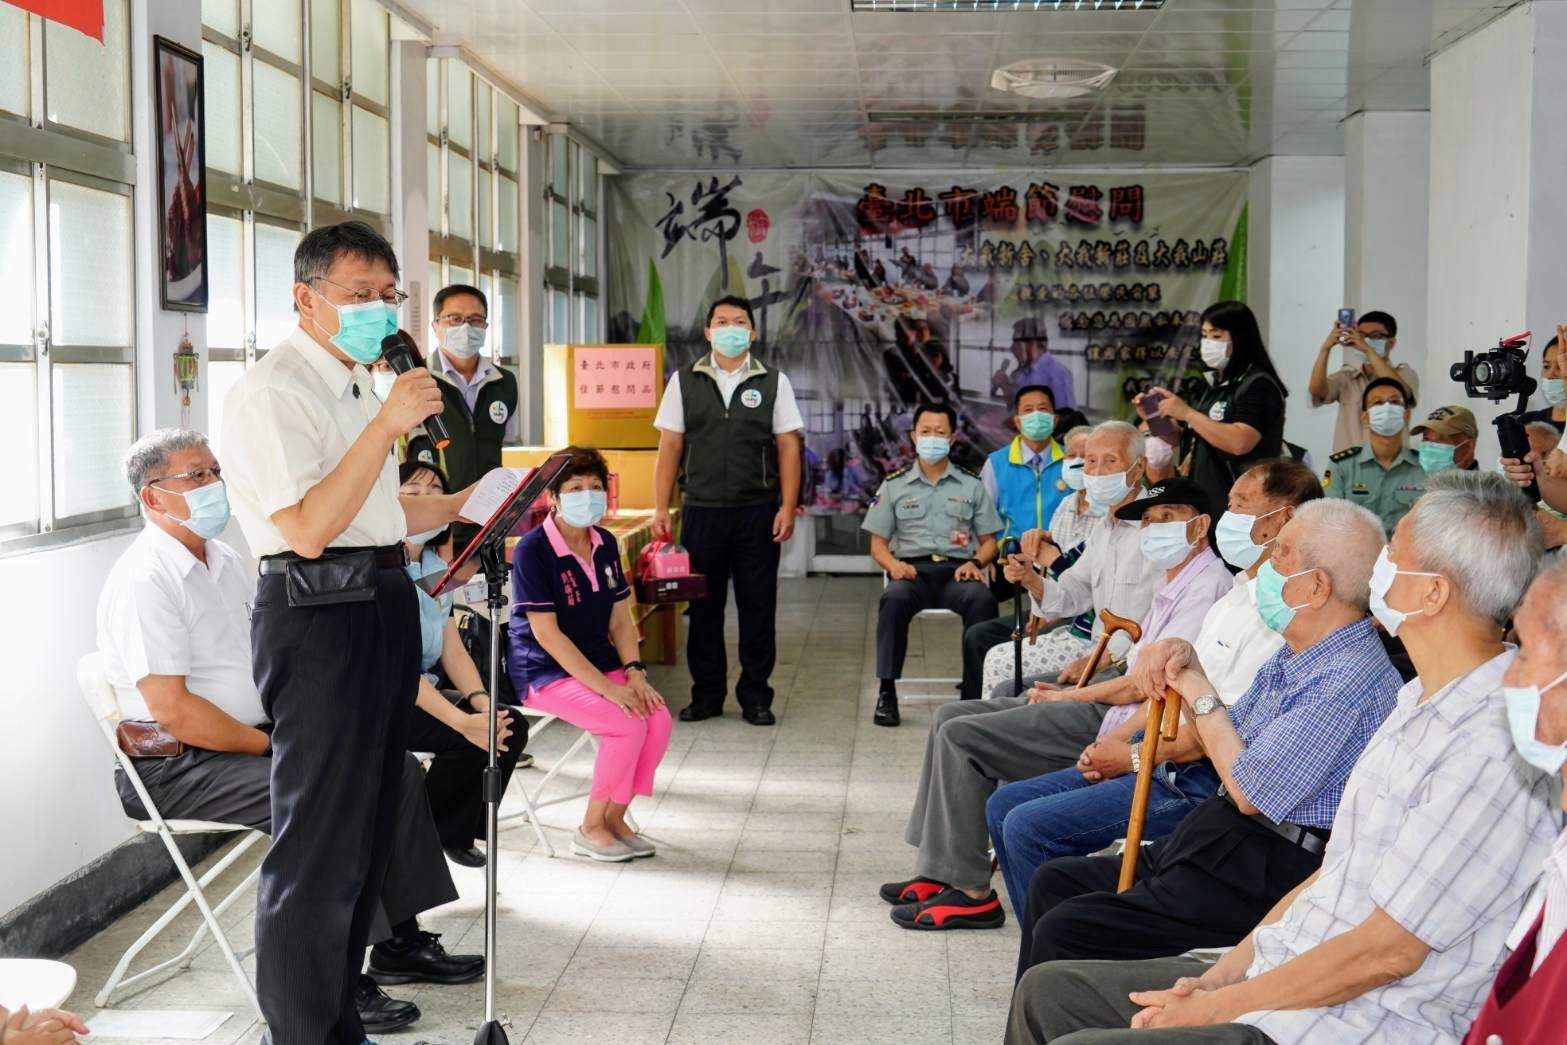 Mayor Ko visiting the singles retirement dorm for veterans